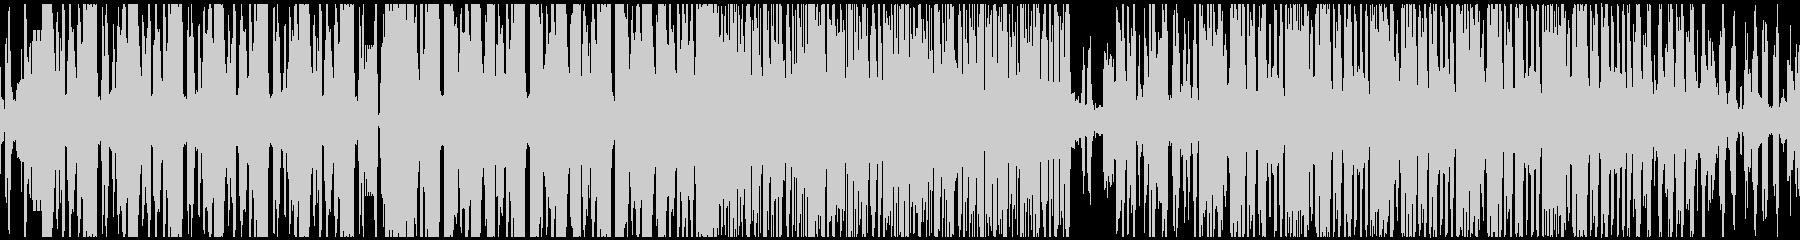 VP、アート、プロジェクションマッピングの未再生の波形